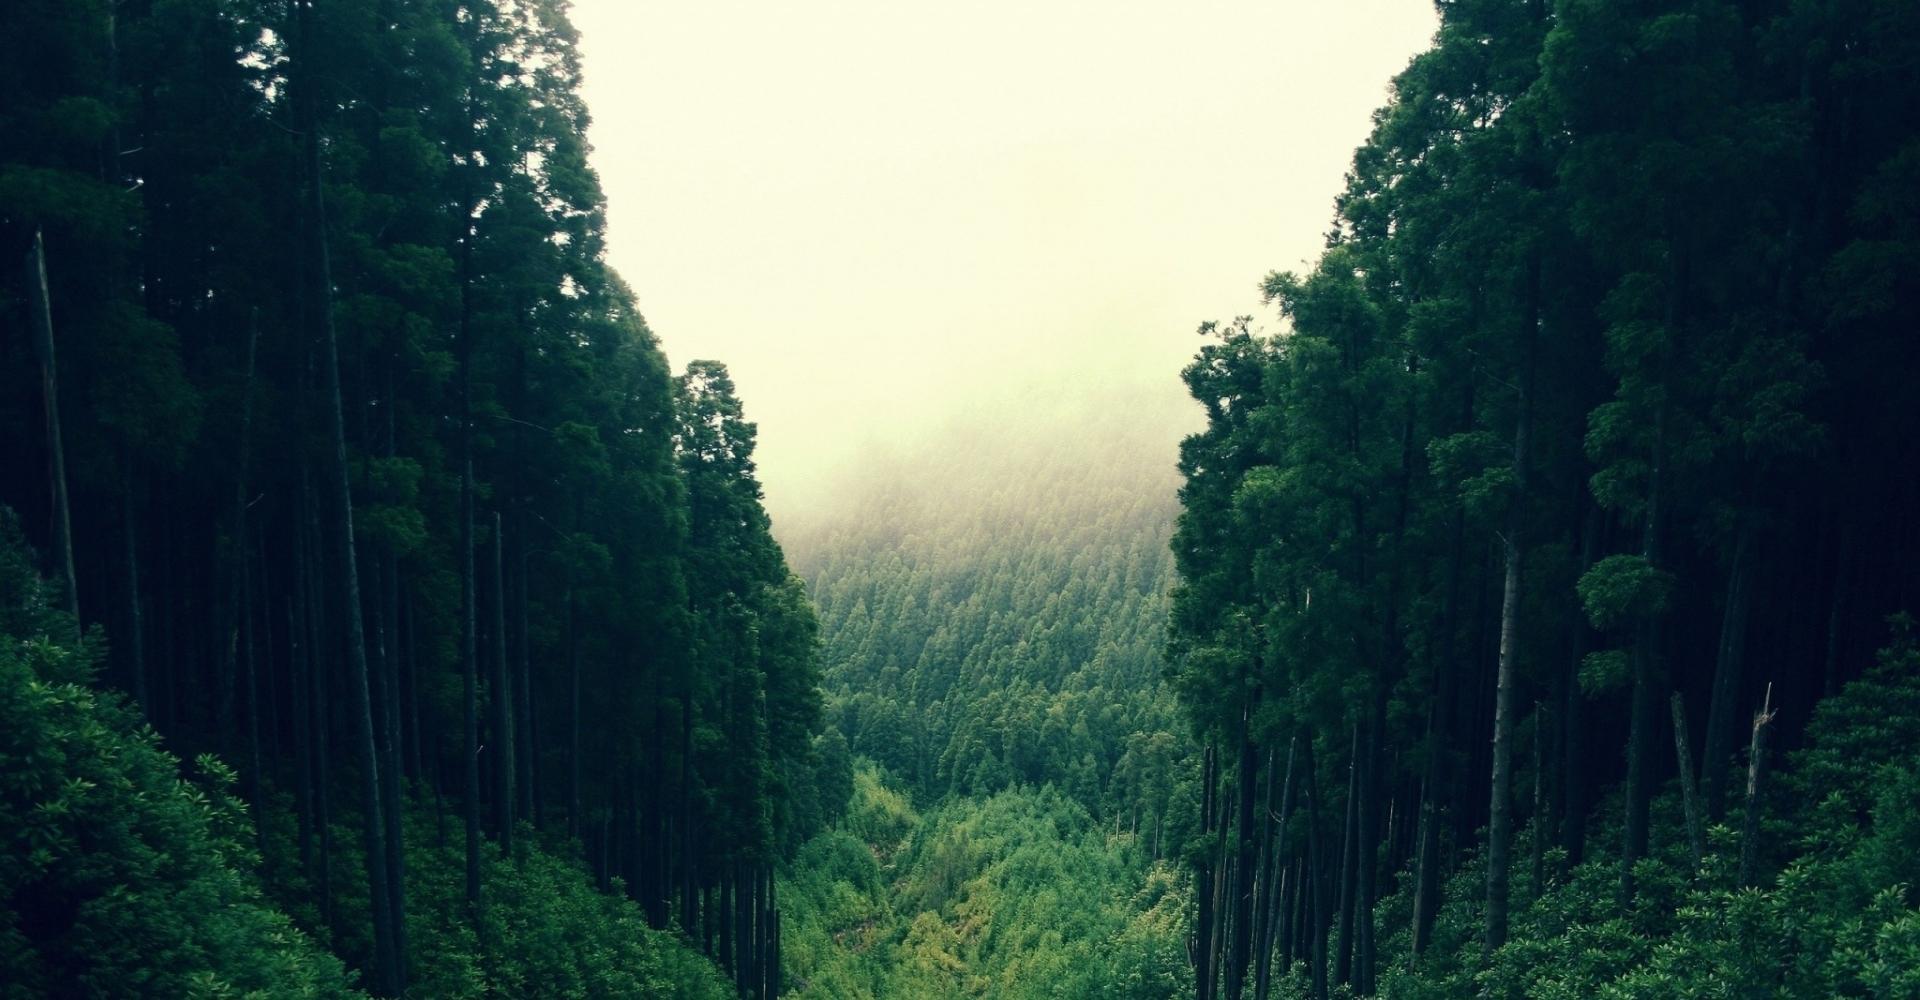 Как справиться с изменением климата? Посадить триллион деревьев